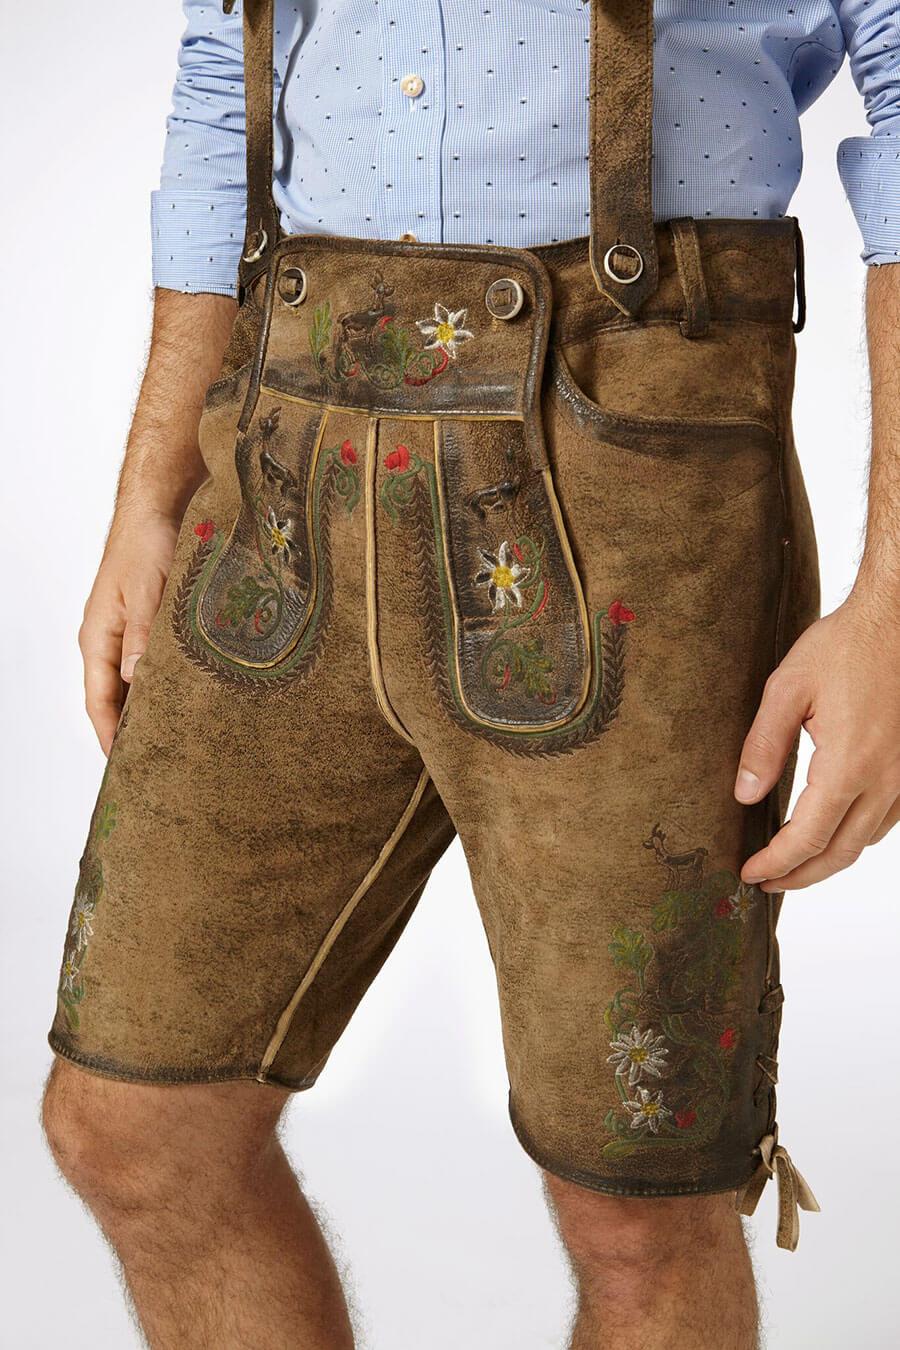 Trachtenhosen für Herren - die Lederhose